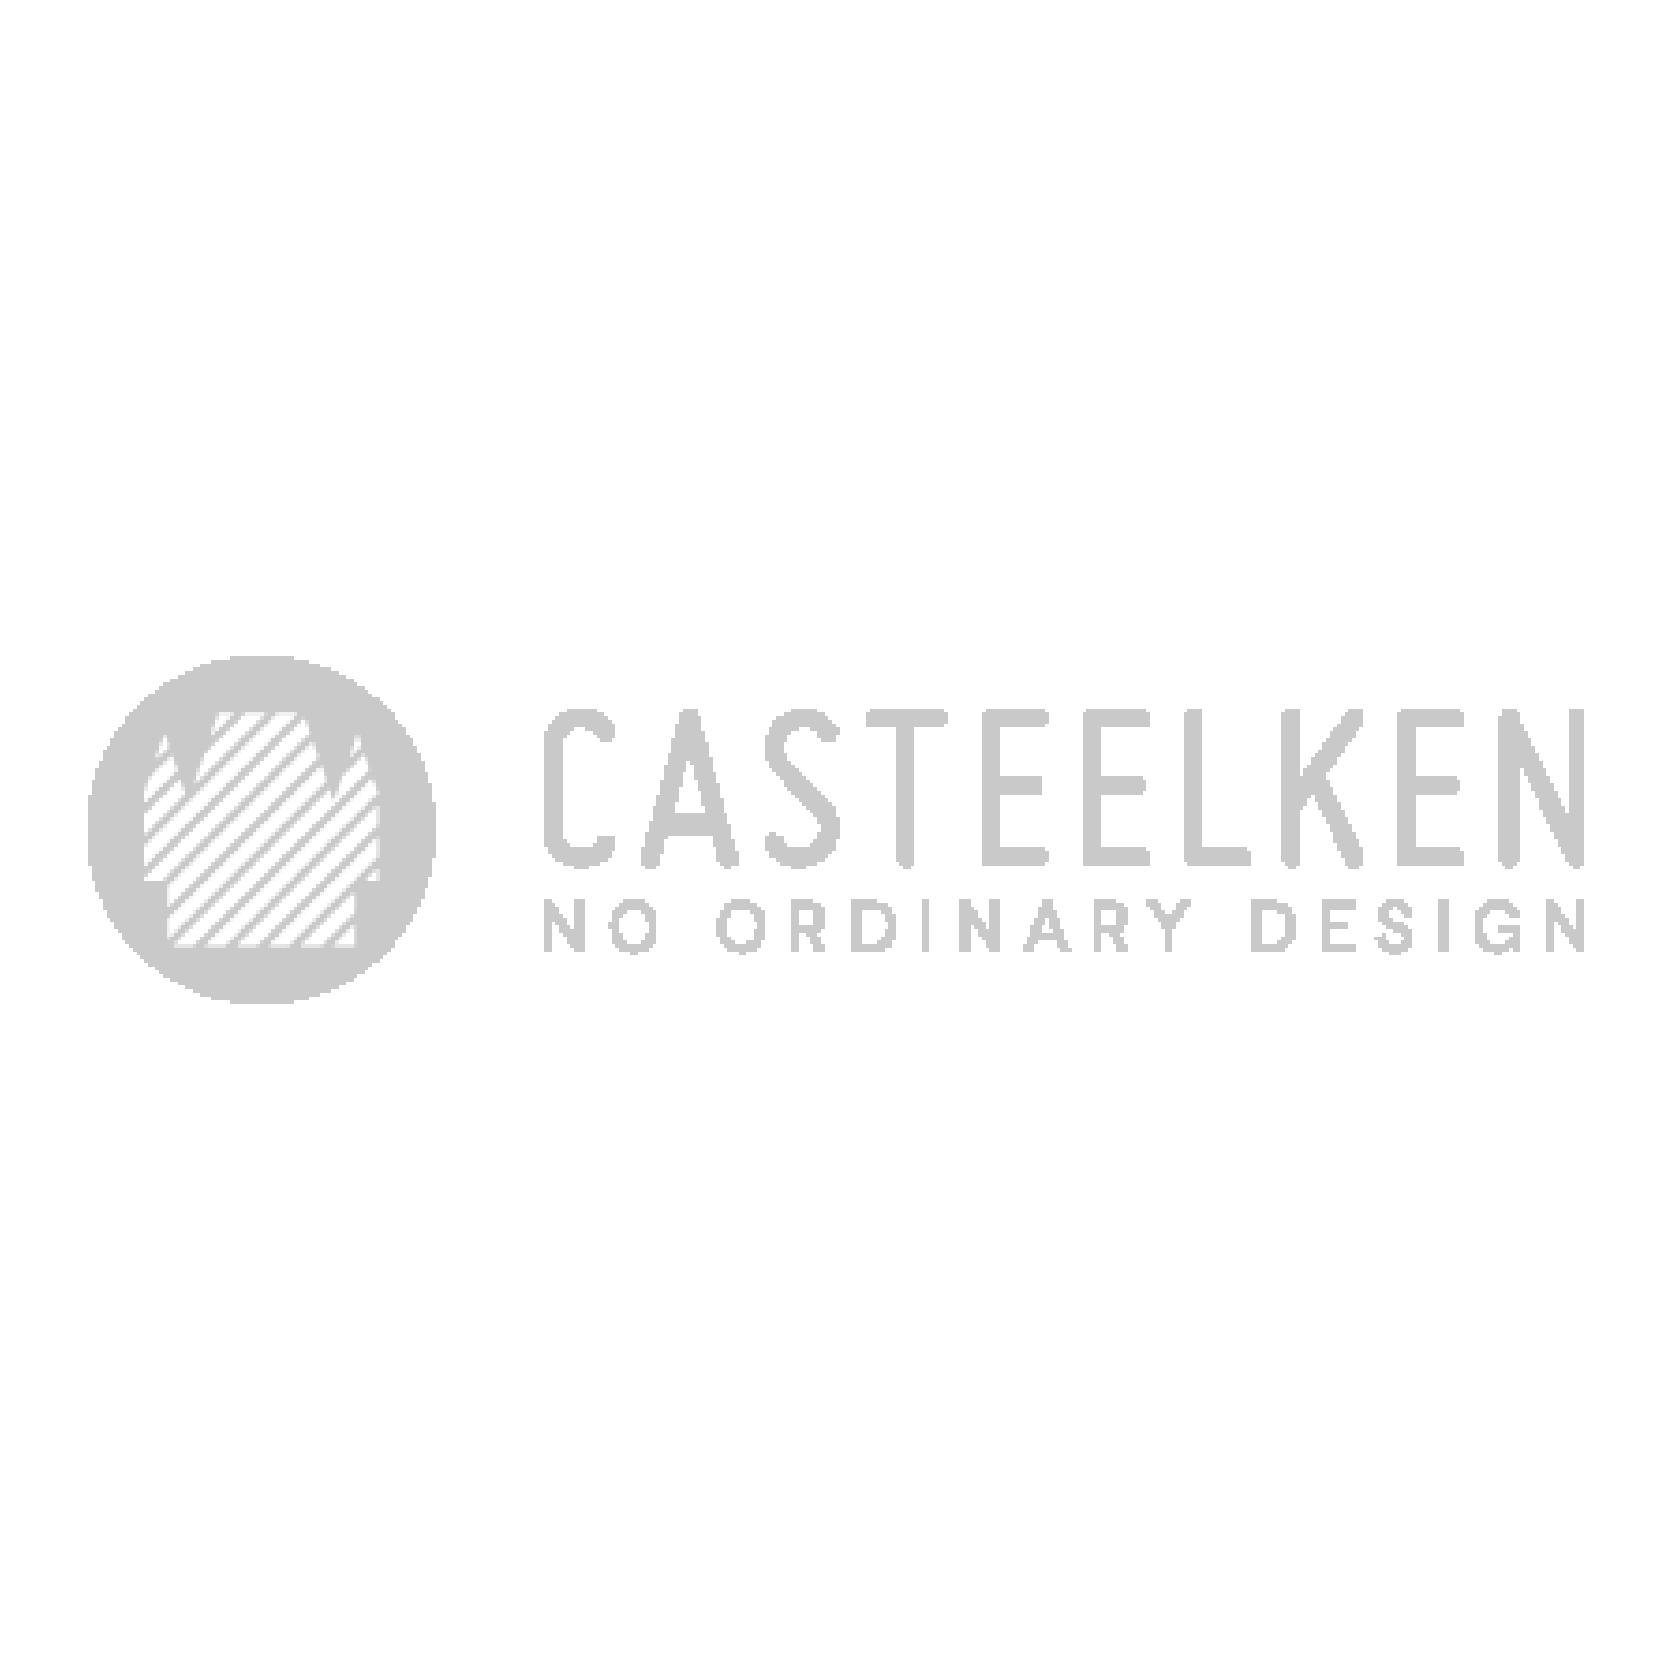 Logo van Casteelken